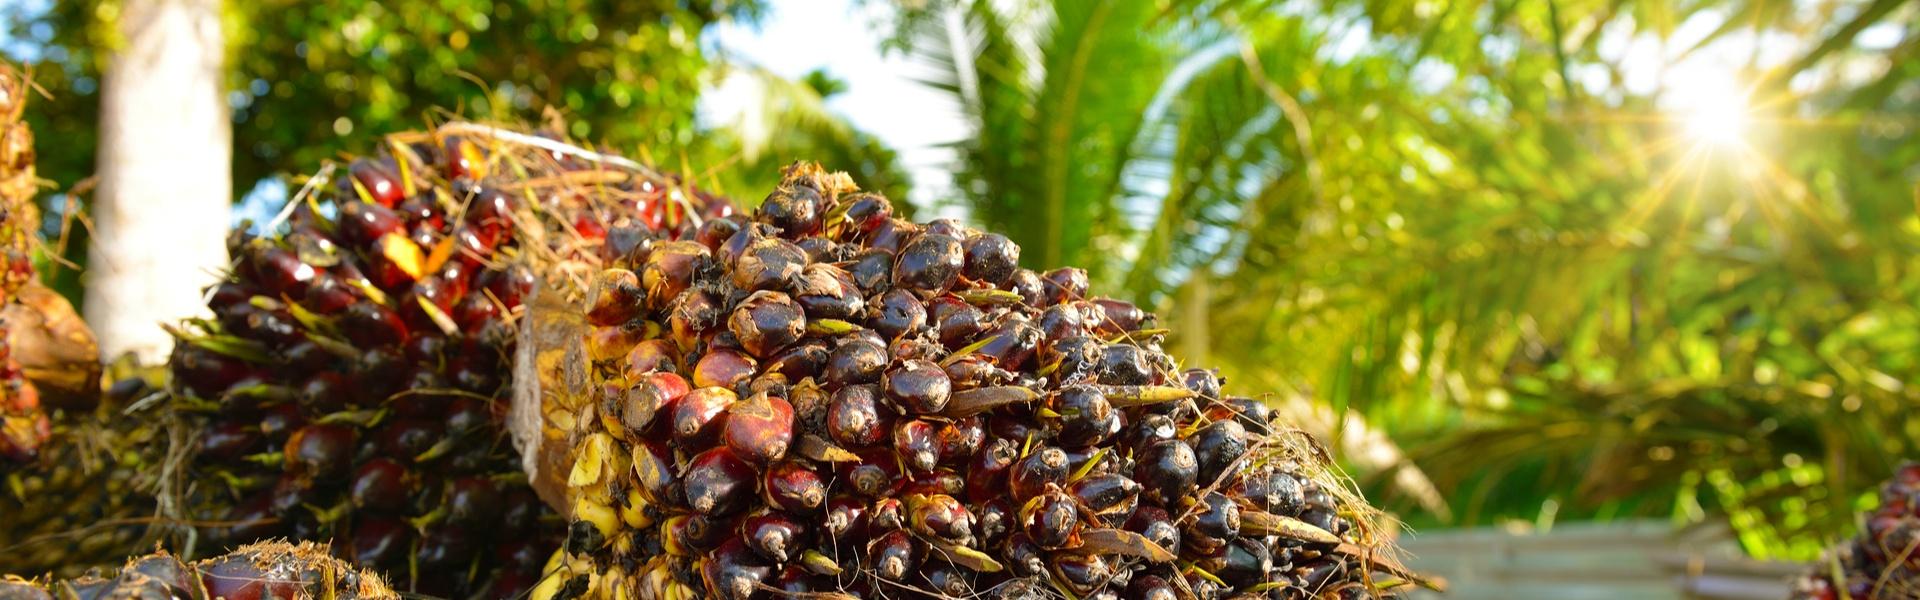 Nachhaltiger Anbau von Palmöl